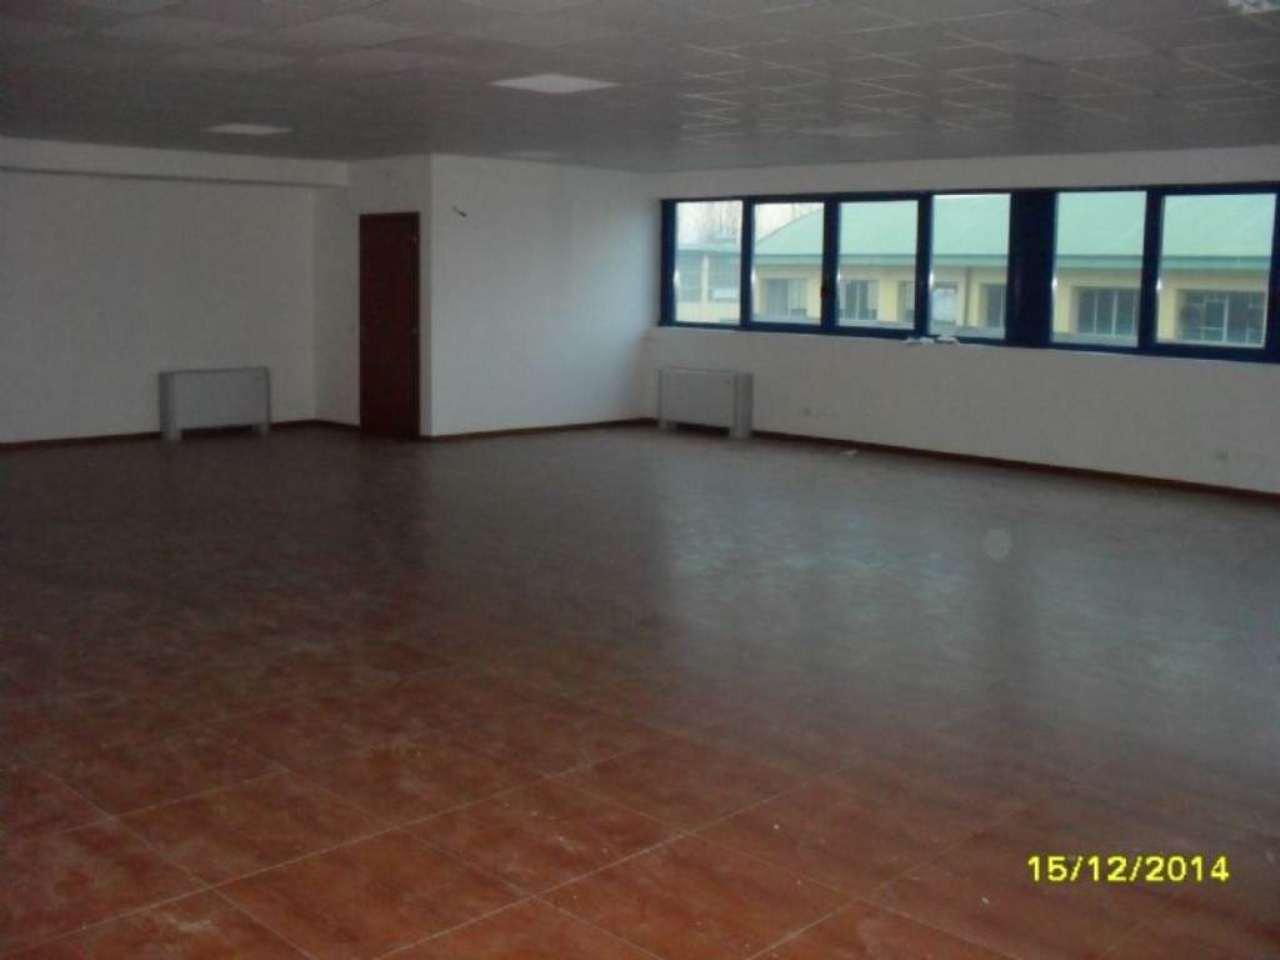 Ufficio / Studio in affitto a Tribiano, 4 locali, prezzo € 1.200 | Cambio Casa.it